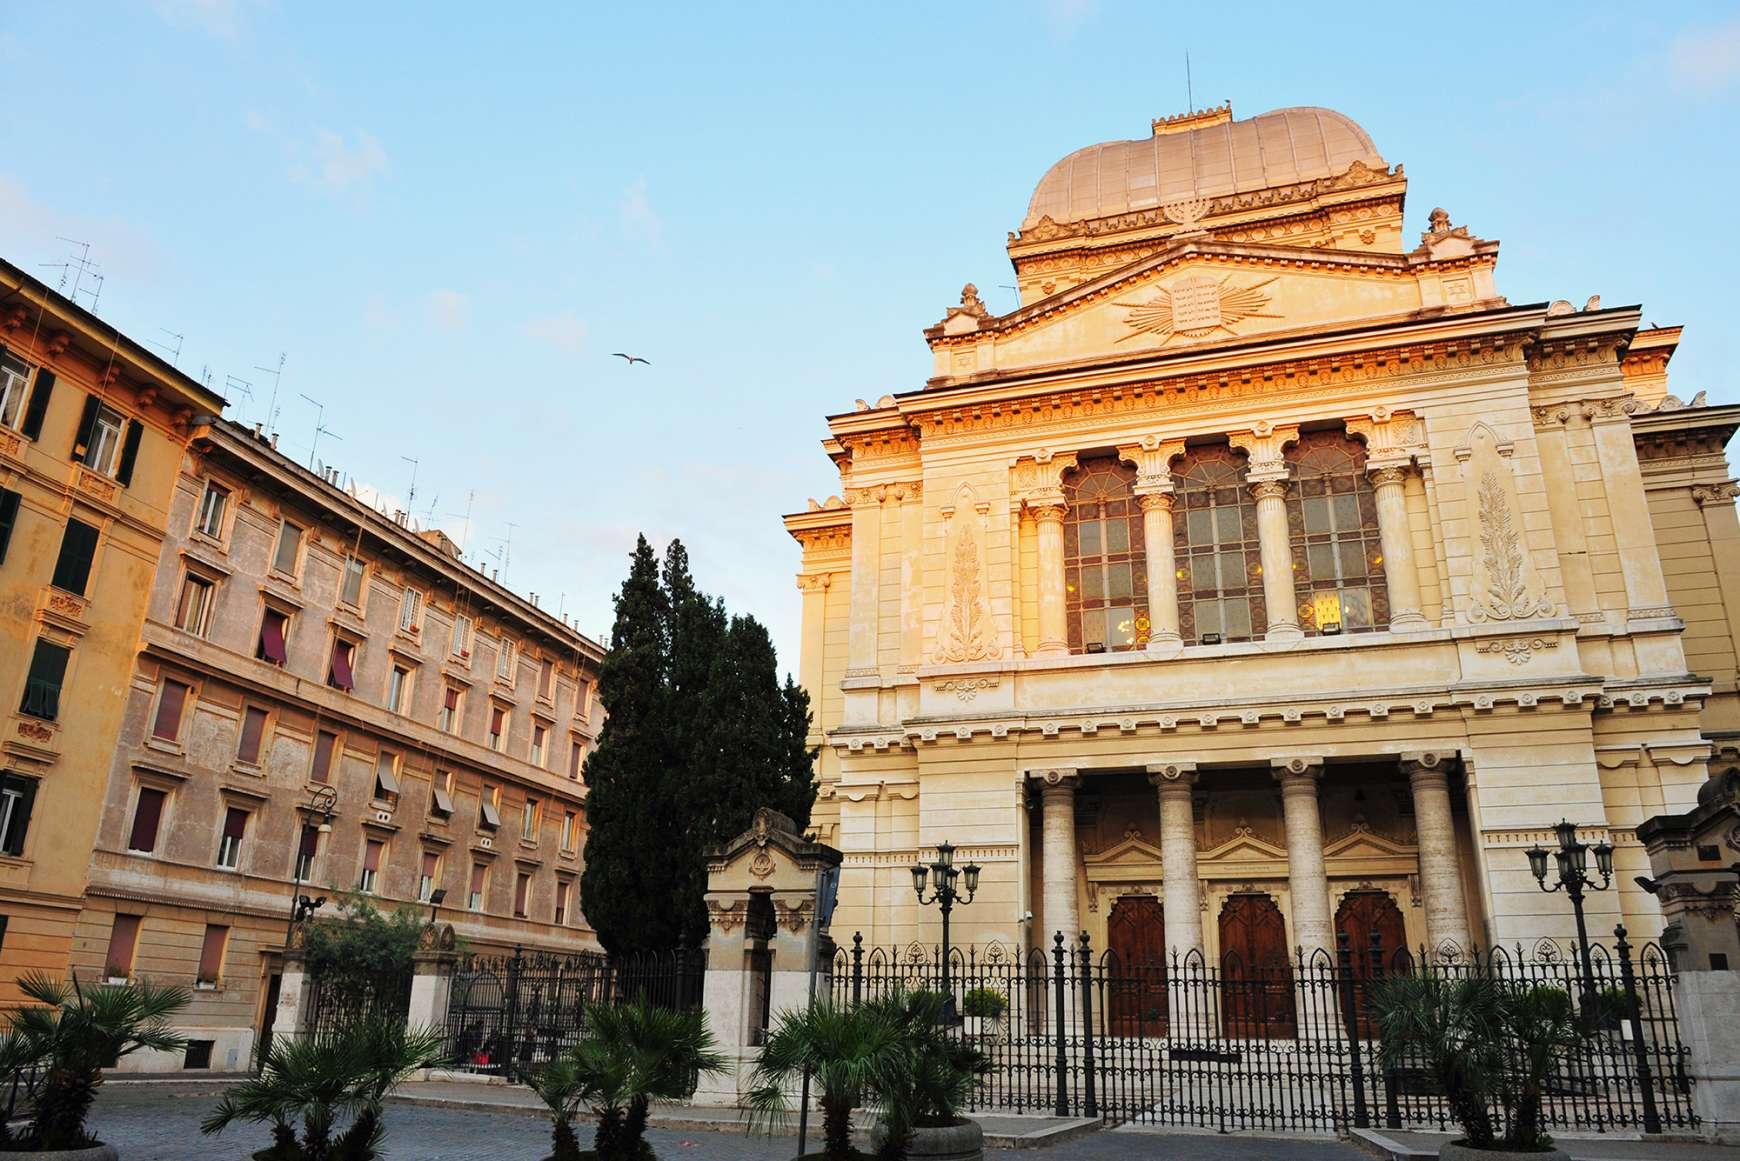 Facade of Tempio Maggiore, Jewish Synagogue in Rome